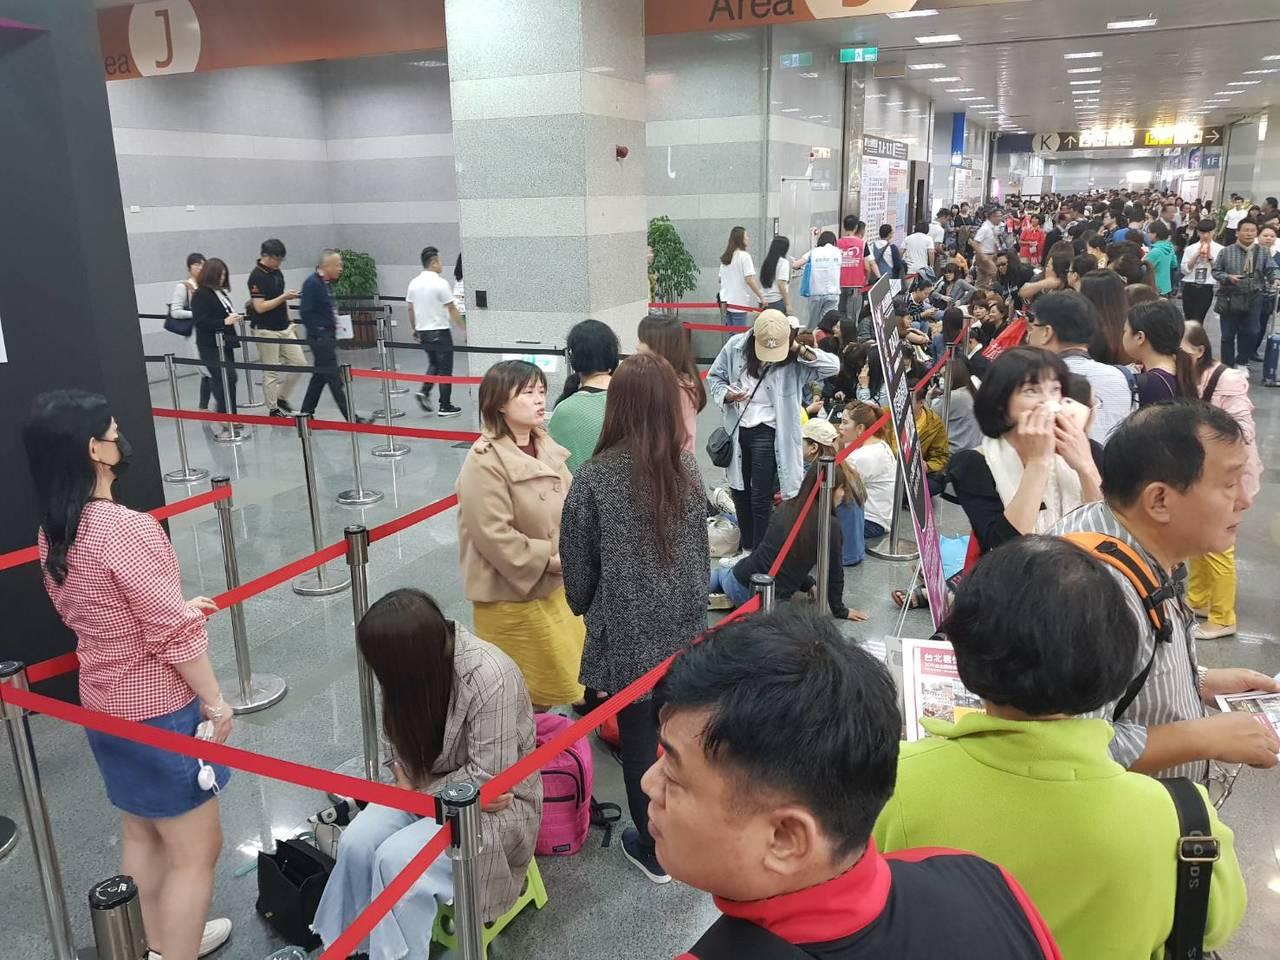 許多蘇志燮的粉絲早上6點就來排隊等候入場。記者陳睿中/攝影